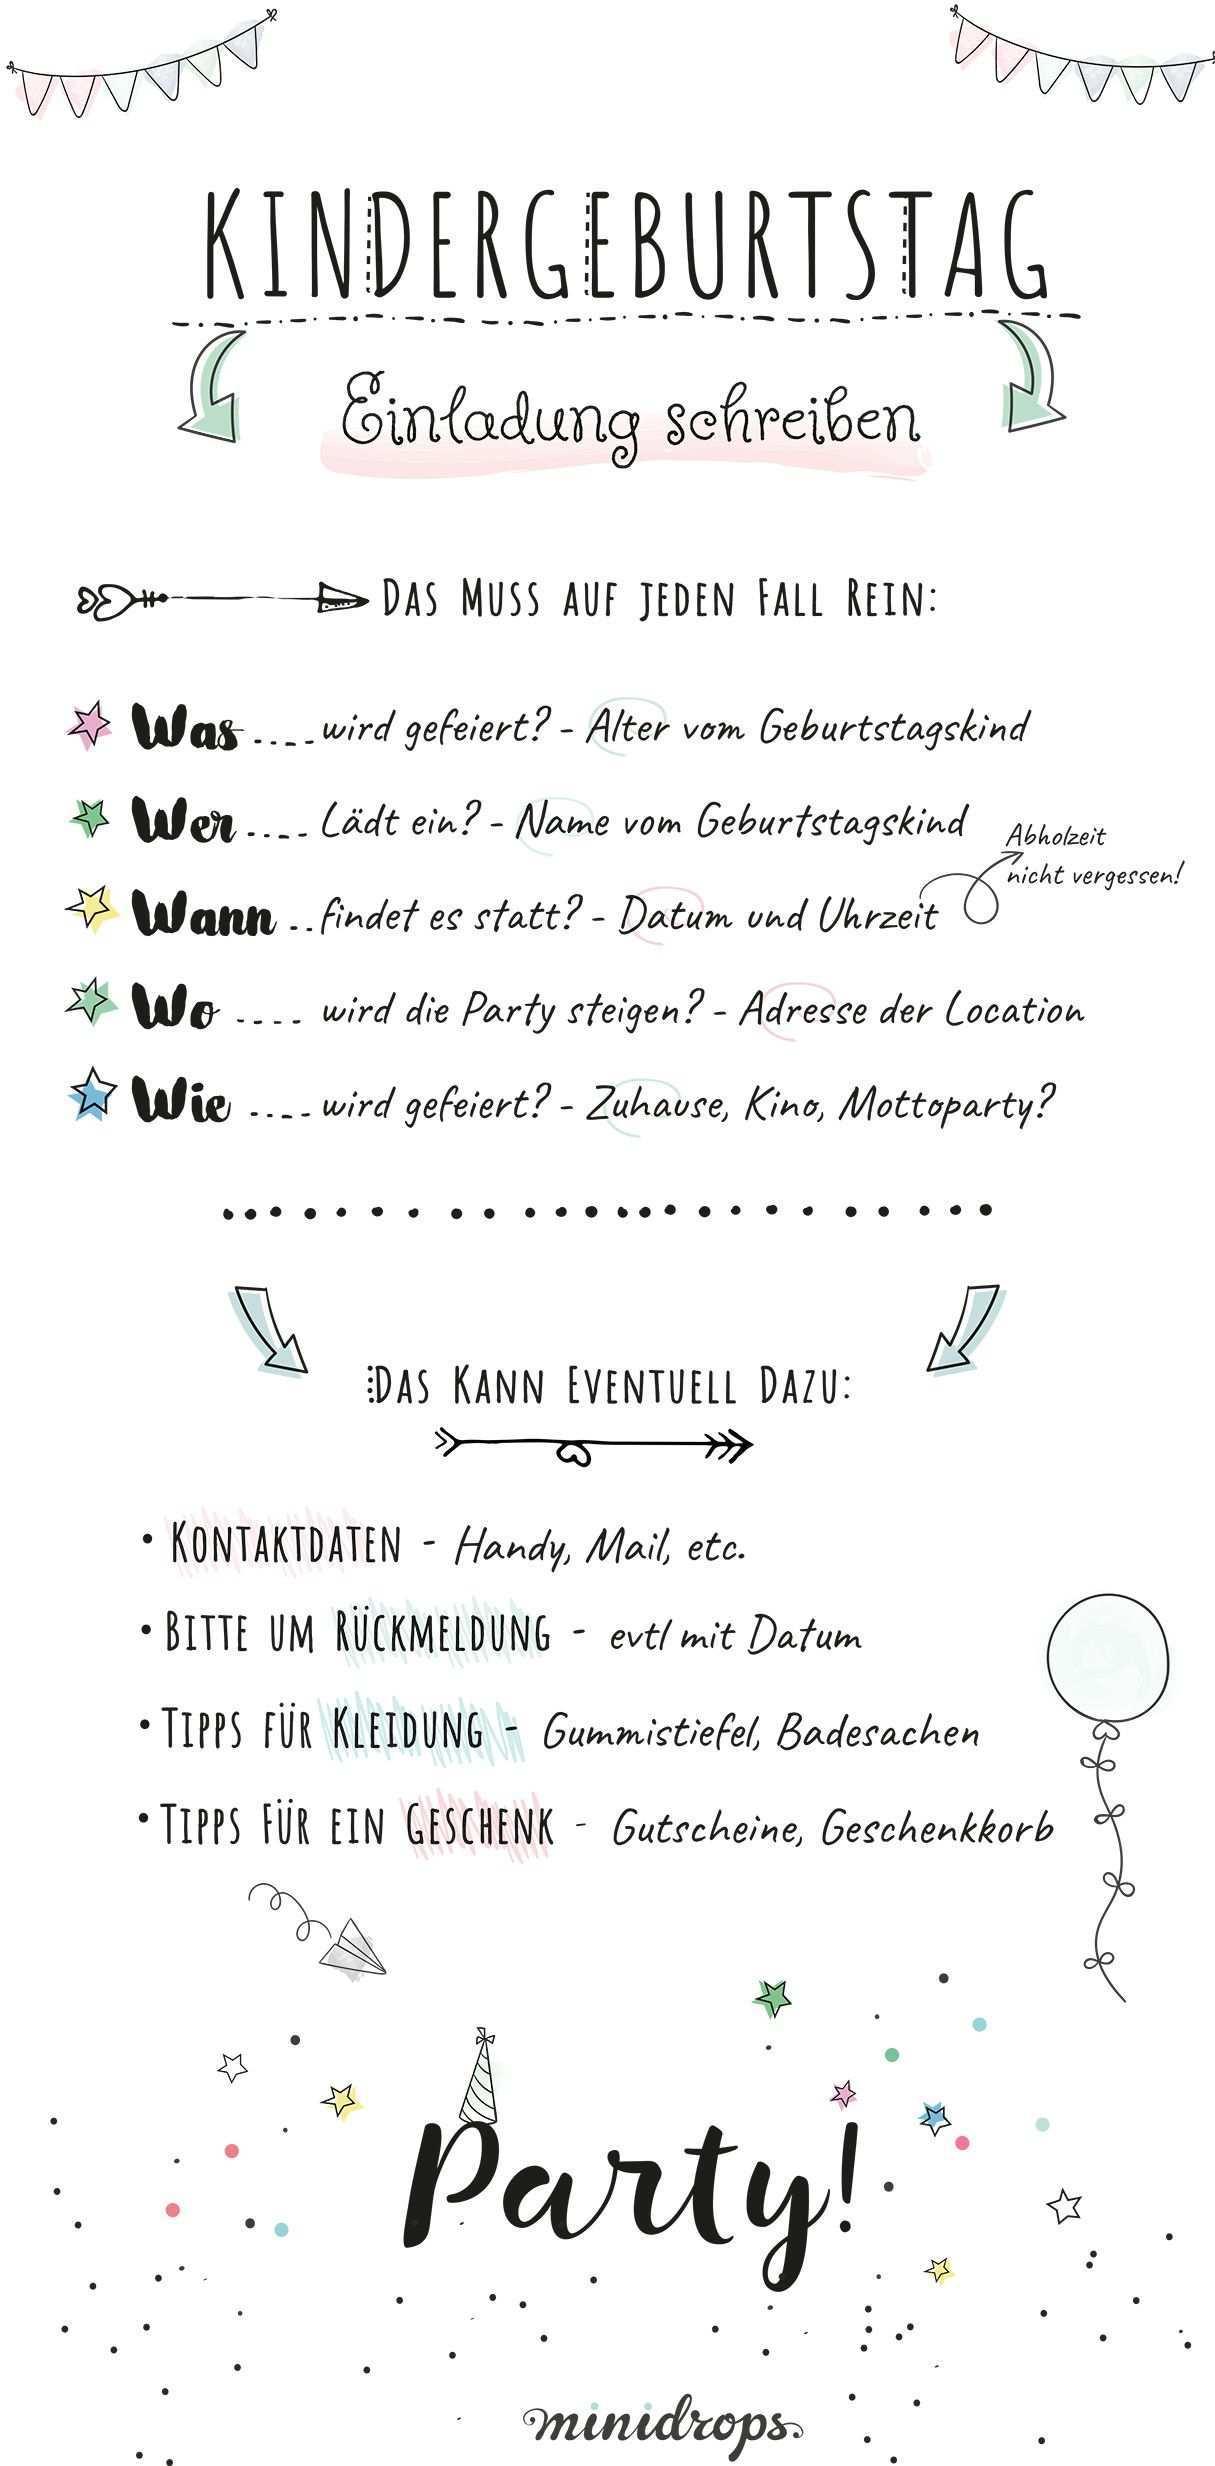 Text Ideen Fur Die Einladung Zum Kindergeburtstag Minidrops Einladungskarten Kindergeburtstag Text Einladung Kindergeburtstag Text Einladungstext Kindergeburtstag